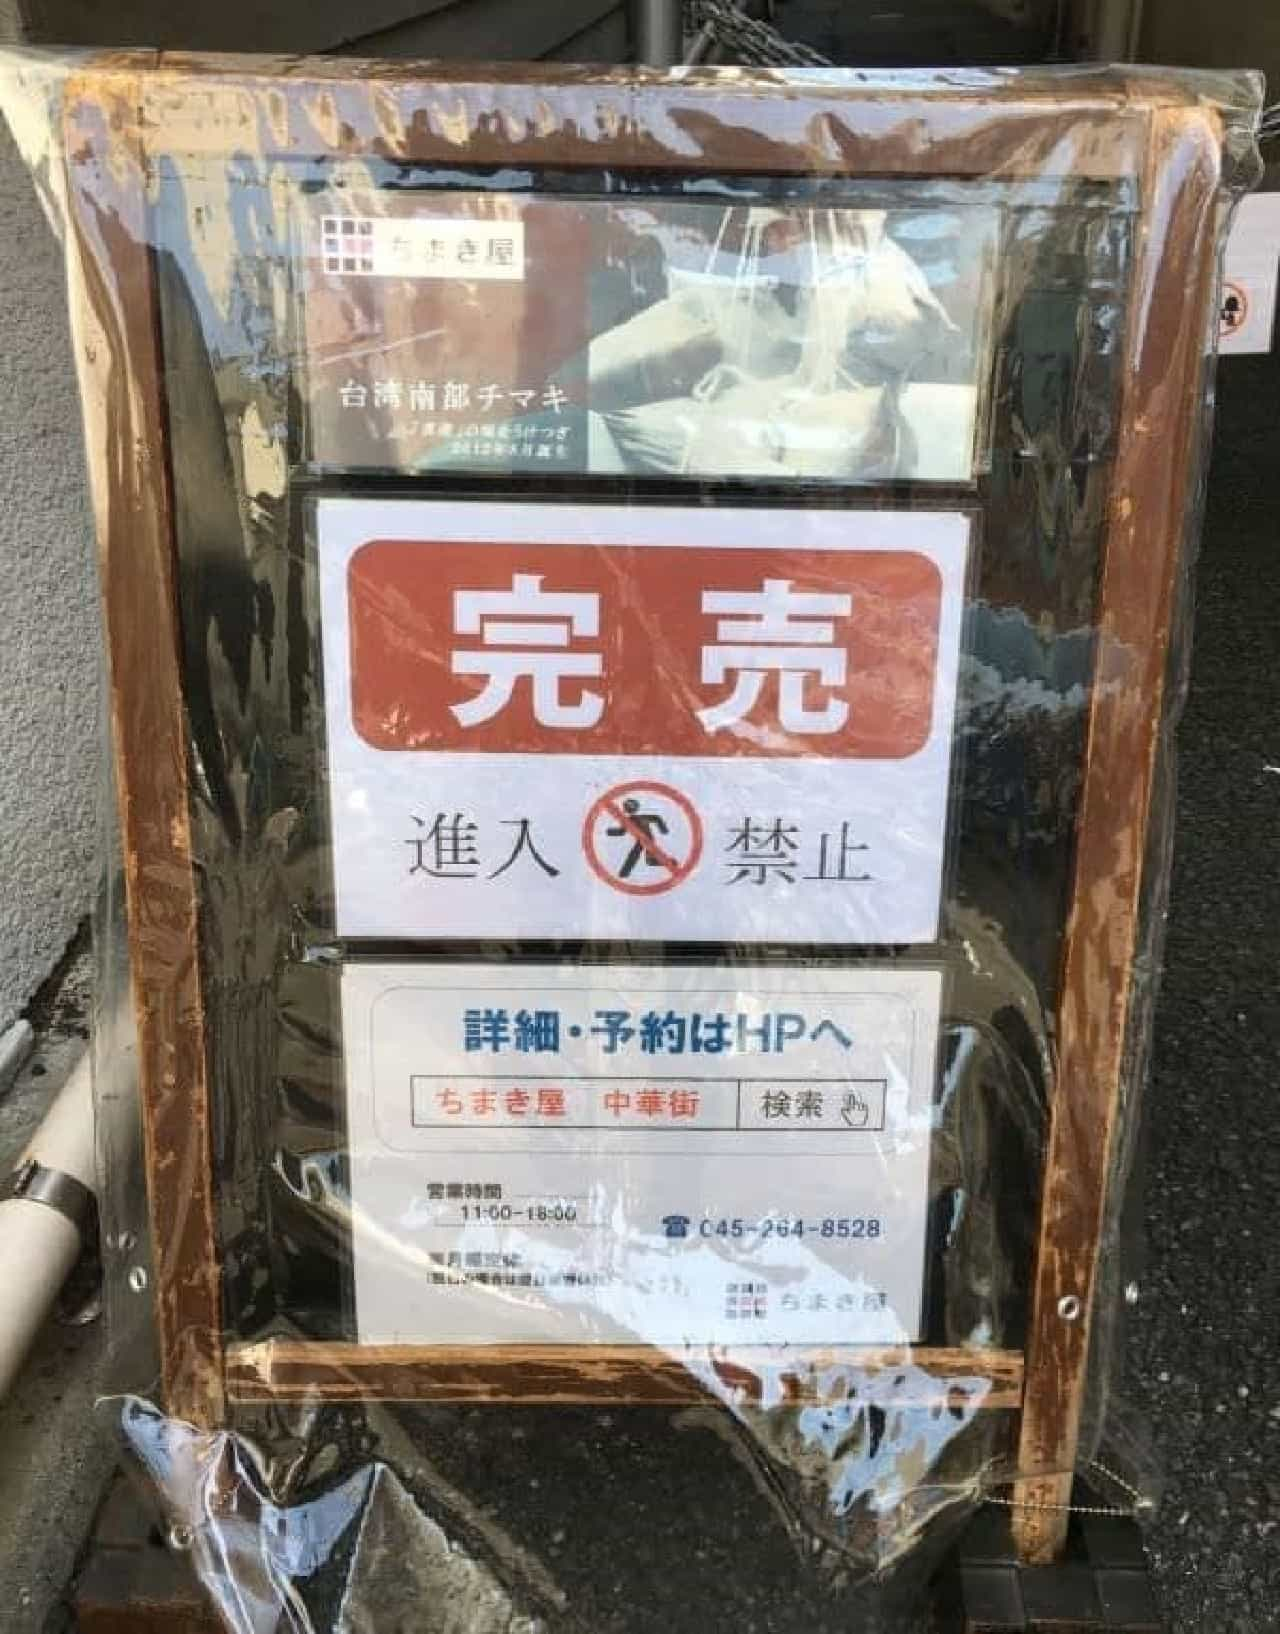 「ちまき屋」の台湾チマキ